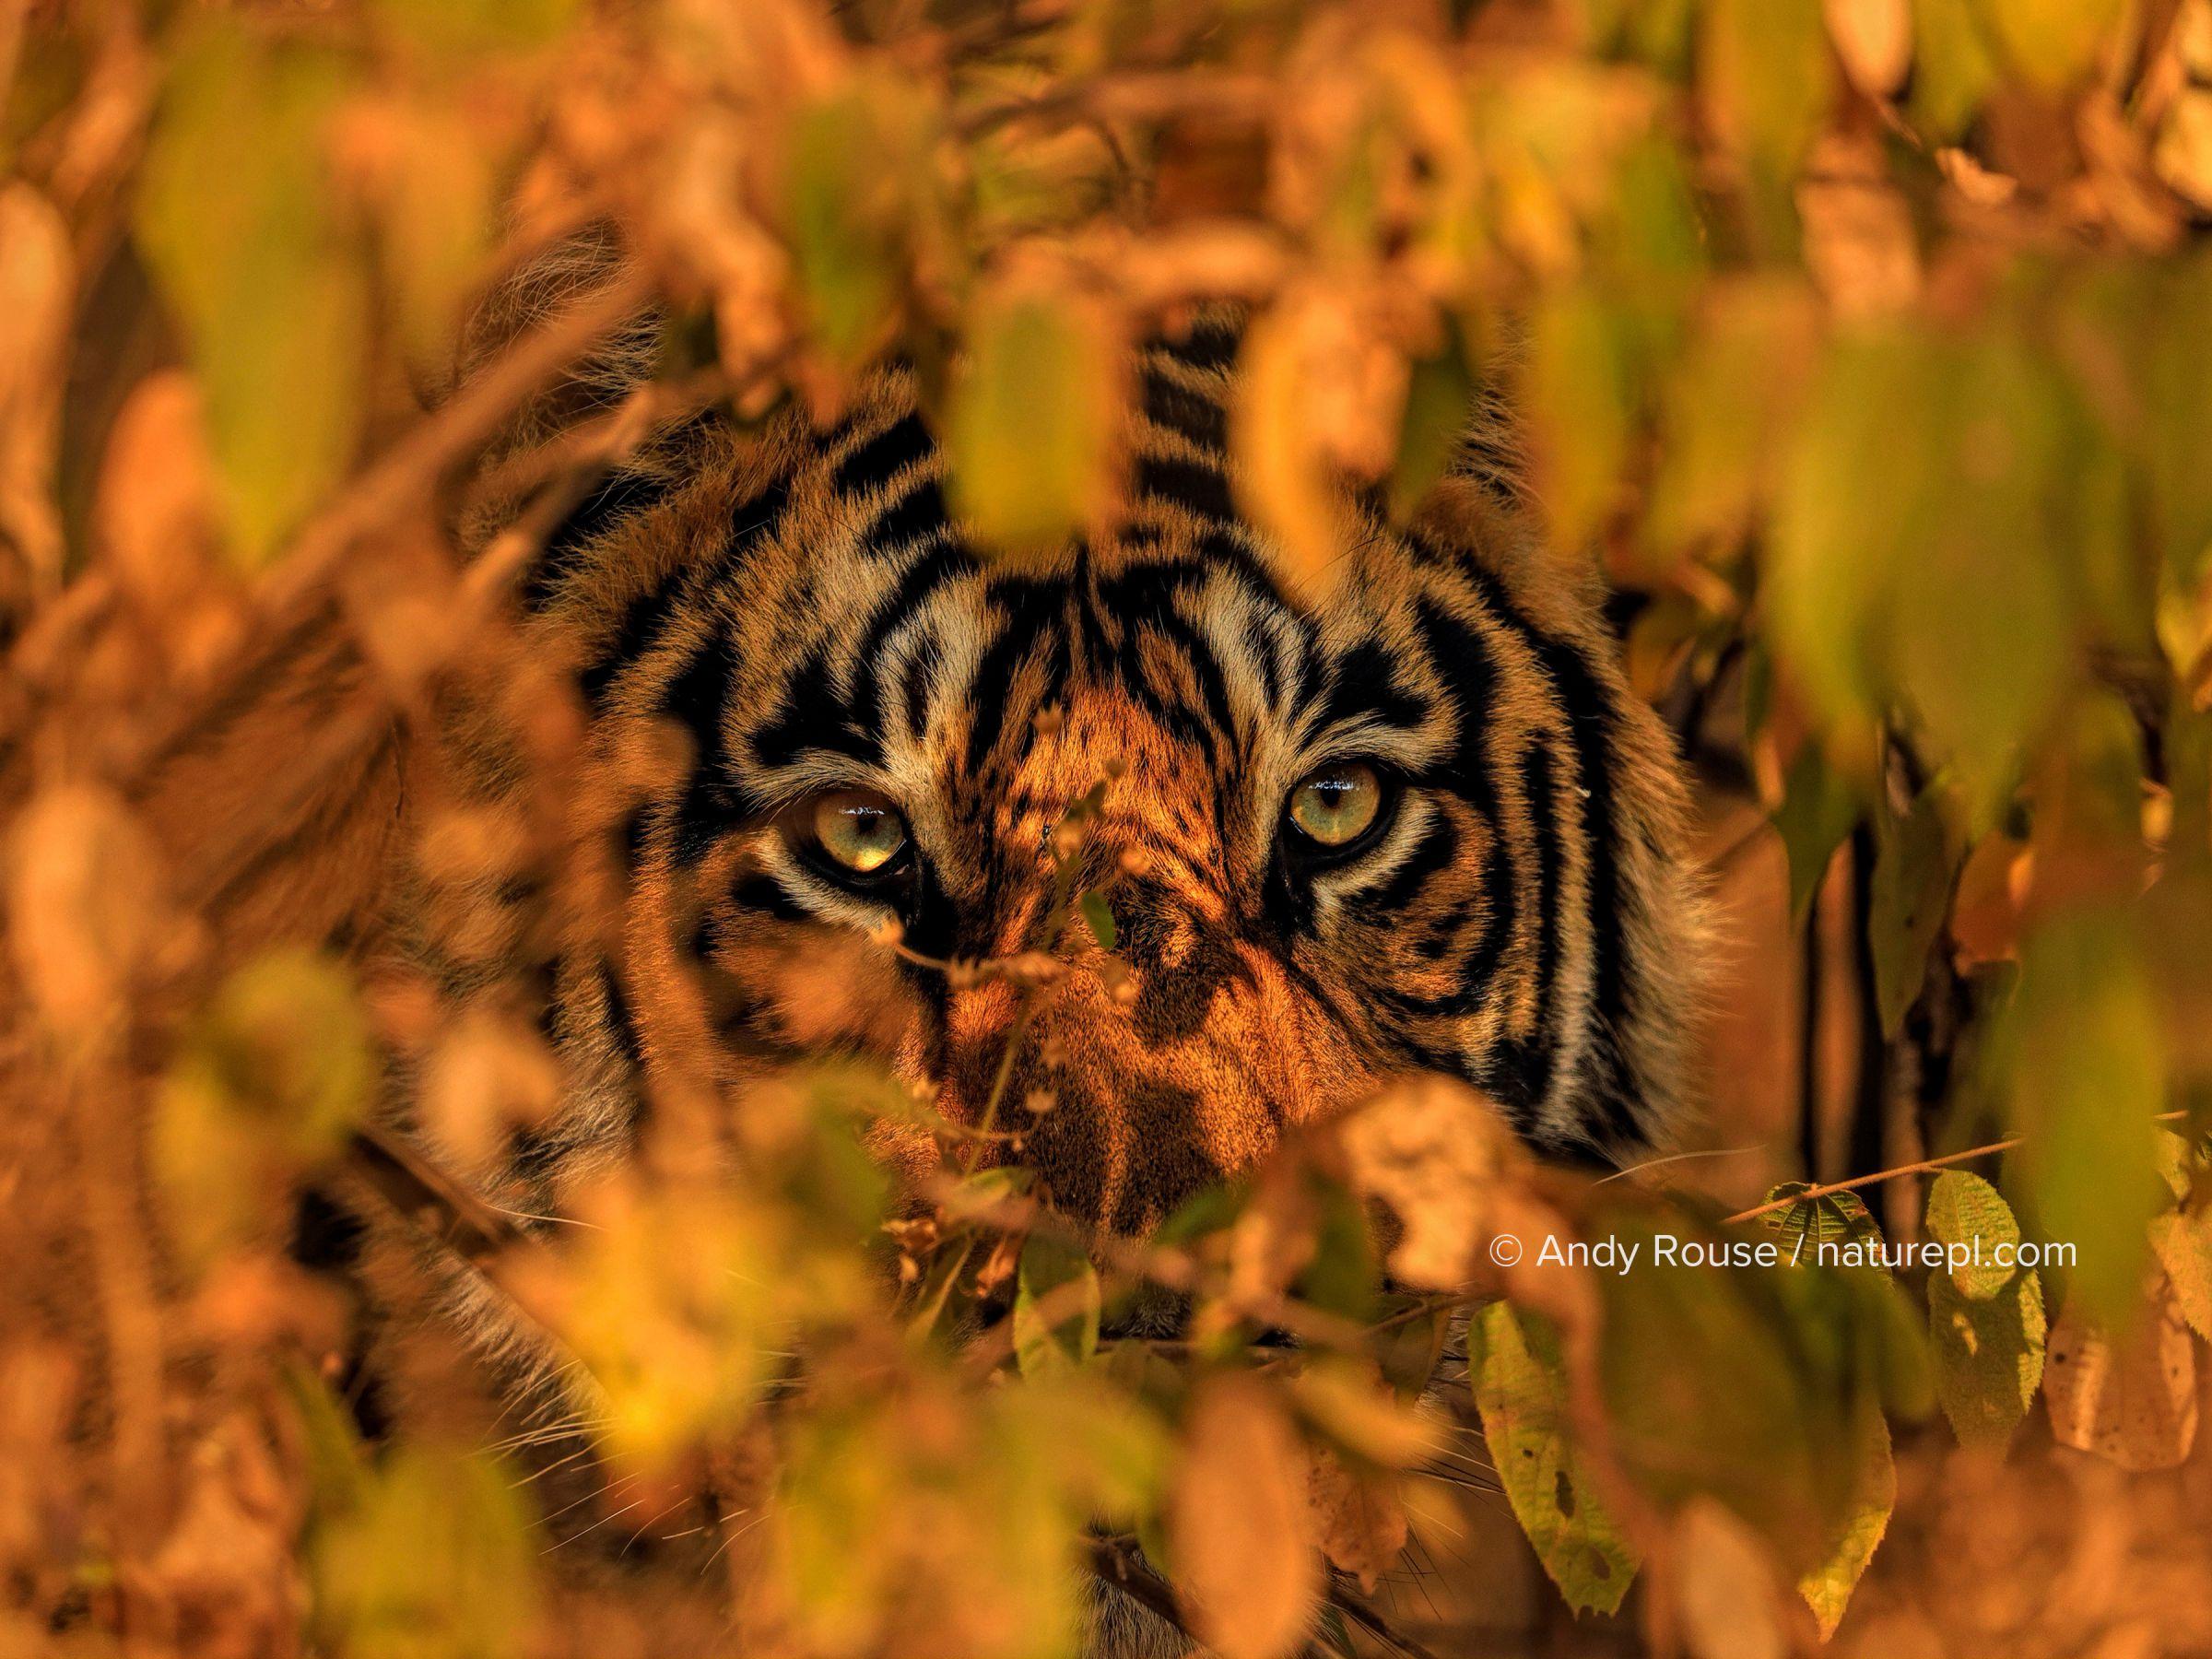 Bengal tiger (Panthera tigris) peering through leaves of bushes, Ranthambhore, India. December